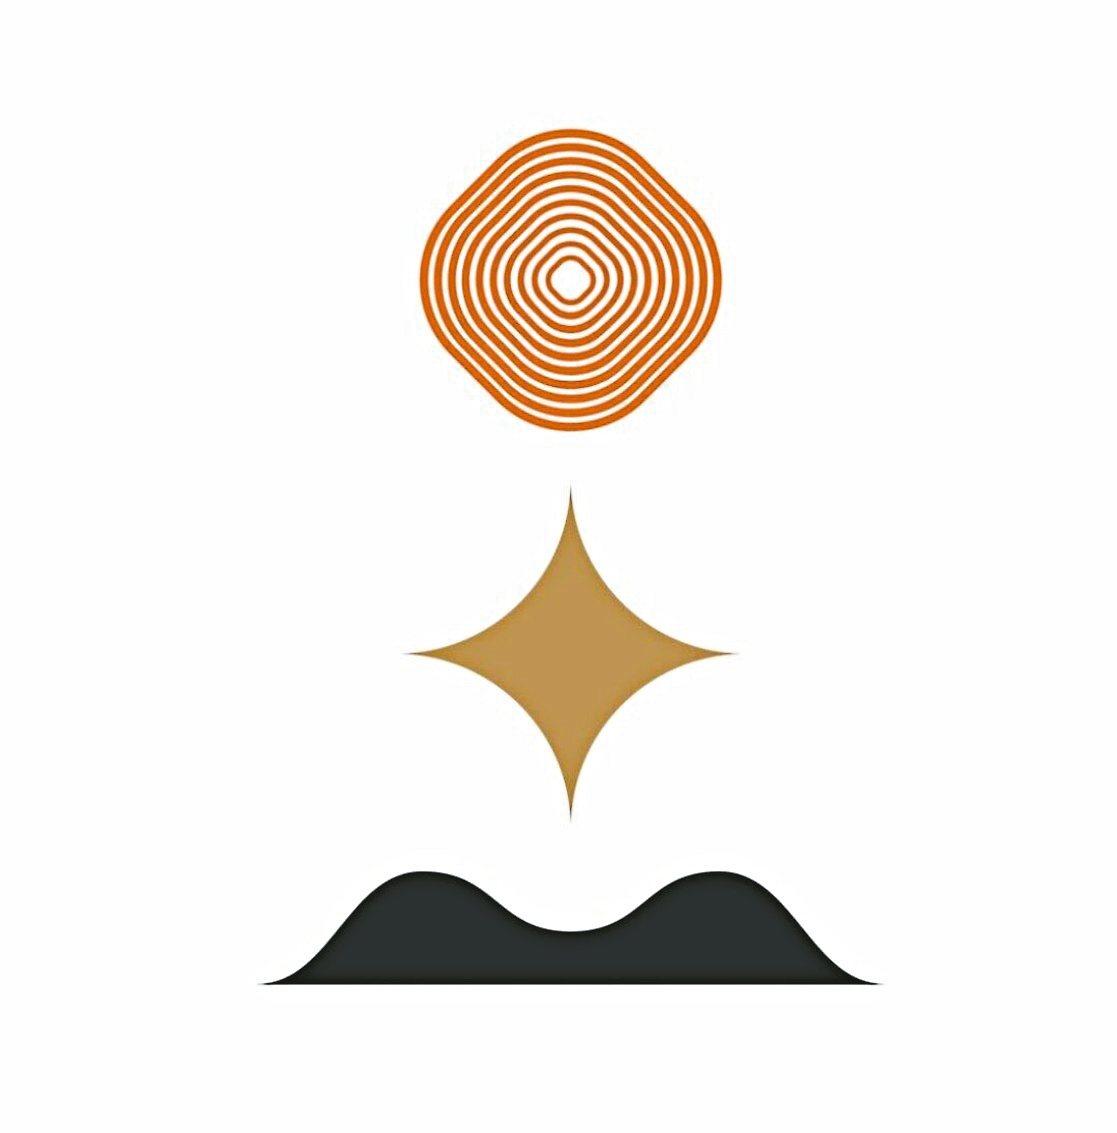 基隆和平島公園有各種奇岩異石,日出絕美,企業識別入圍金點設計獎最佳設計獎。 圖/...